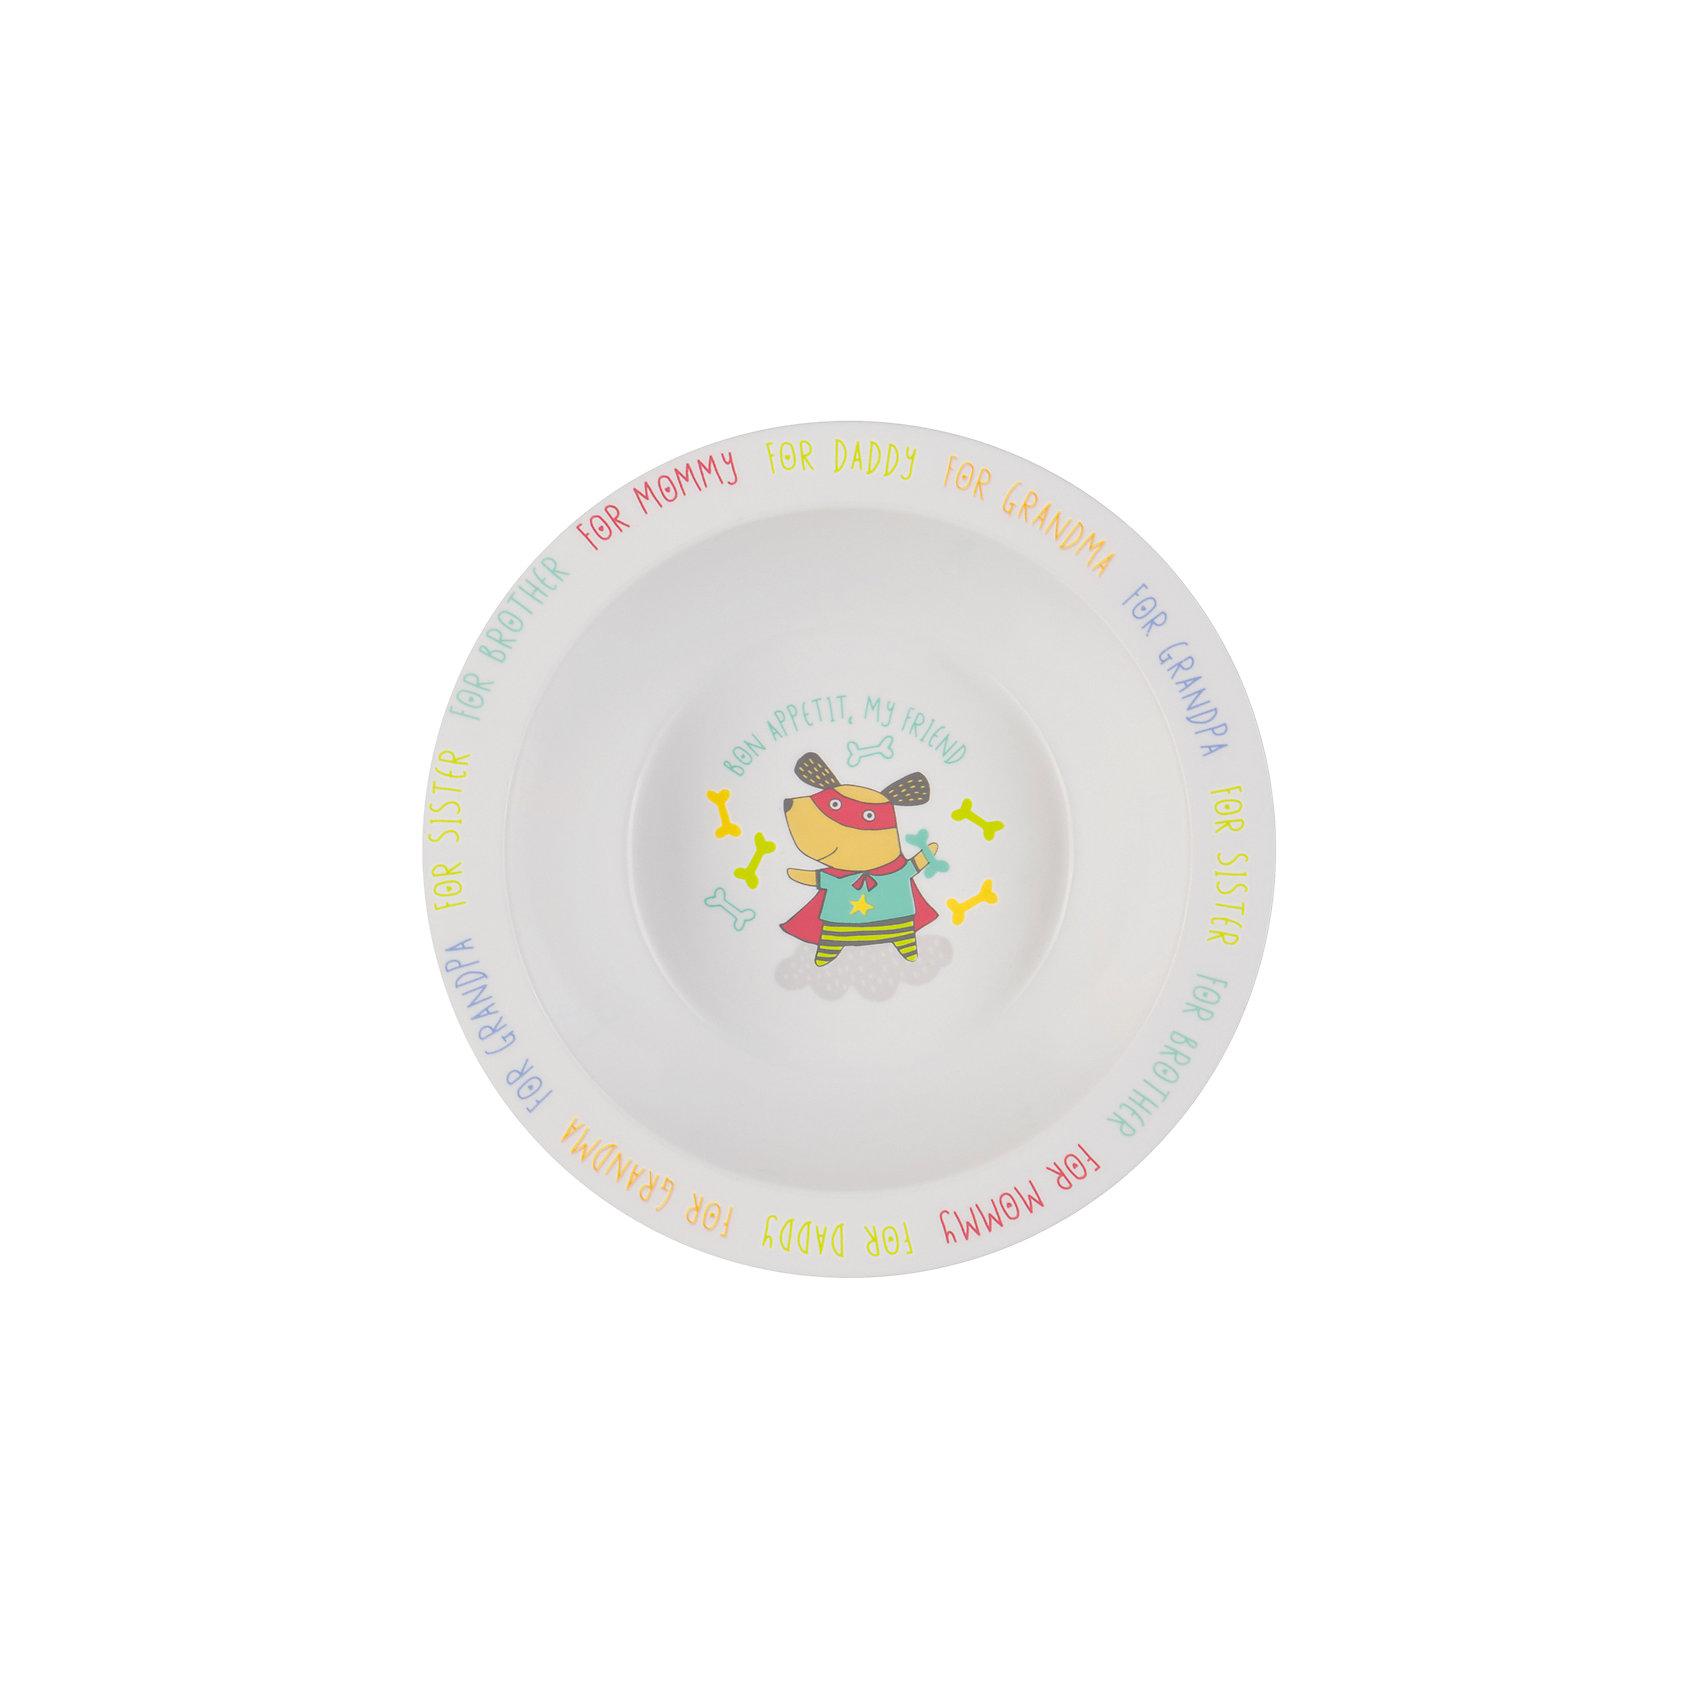 Тарелка глубокая Dog, Happy BabyТарелка глубокая Dog,  от торговой марки Happy Baby для кормления предназначена для приучения ребенка к самостоятельному приему пищи. Для облегчения этого процесса тарелка имеет широкие края - благодаря им, ребенку удобно доставать еду из посуды. <br>На дне нарисован забавный пес, желающий крохе приятного аппетита. А по краям тарелки указаны любимые каждой мамой подсказки: за папу, за бабушку, за брата и т.д.<br>Тарелка для кормления подходит для использования в микроволновой печи. Допускается мытье в посудомоечной машине. Как и вся детская посуда от торговой марки  Happy Baby, изделие изготовлено из безопасного, первичного пластика, не содержащего вредных для здоровья компонентов.<br><br>Дополнительная информация: <br><br>- материал: полипропилен, термопластичный эластомер<br>- дизайн: животные<br>- диаметр: 16,5 см<br>- высота, 6 см<br>- цвет белый, бирюзовый, собака<br>- размеры, 165 * 60 * 60 мм<br>- размер упаковки (ДхШхВ), 22 * 15 * 6  см<br>- вес в упаковке, 85 г<br><br>Тарелку глубокую Dog, Happy Baby можно купить в нашем интернет-магазине.<br><br>Ширина мм: 50<br>Глубина мм: 165<br>Высота мм: 210<br>Вес г: 58<br>Возраст от месяцев: 6<br>Возраст до месяцев: 18<br>Пол: Унисекс<br>Возраст: Детский<br>SKU: 4696838